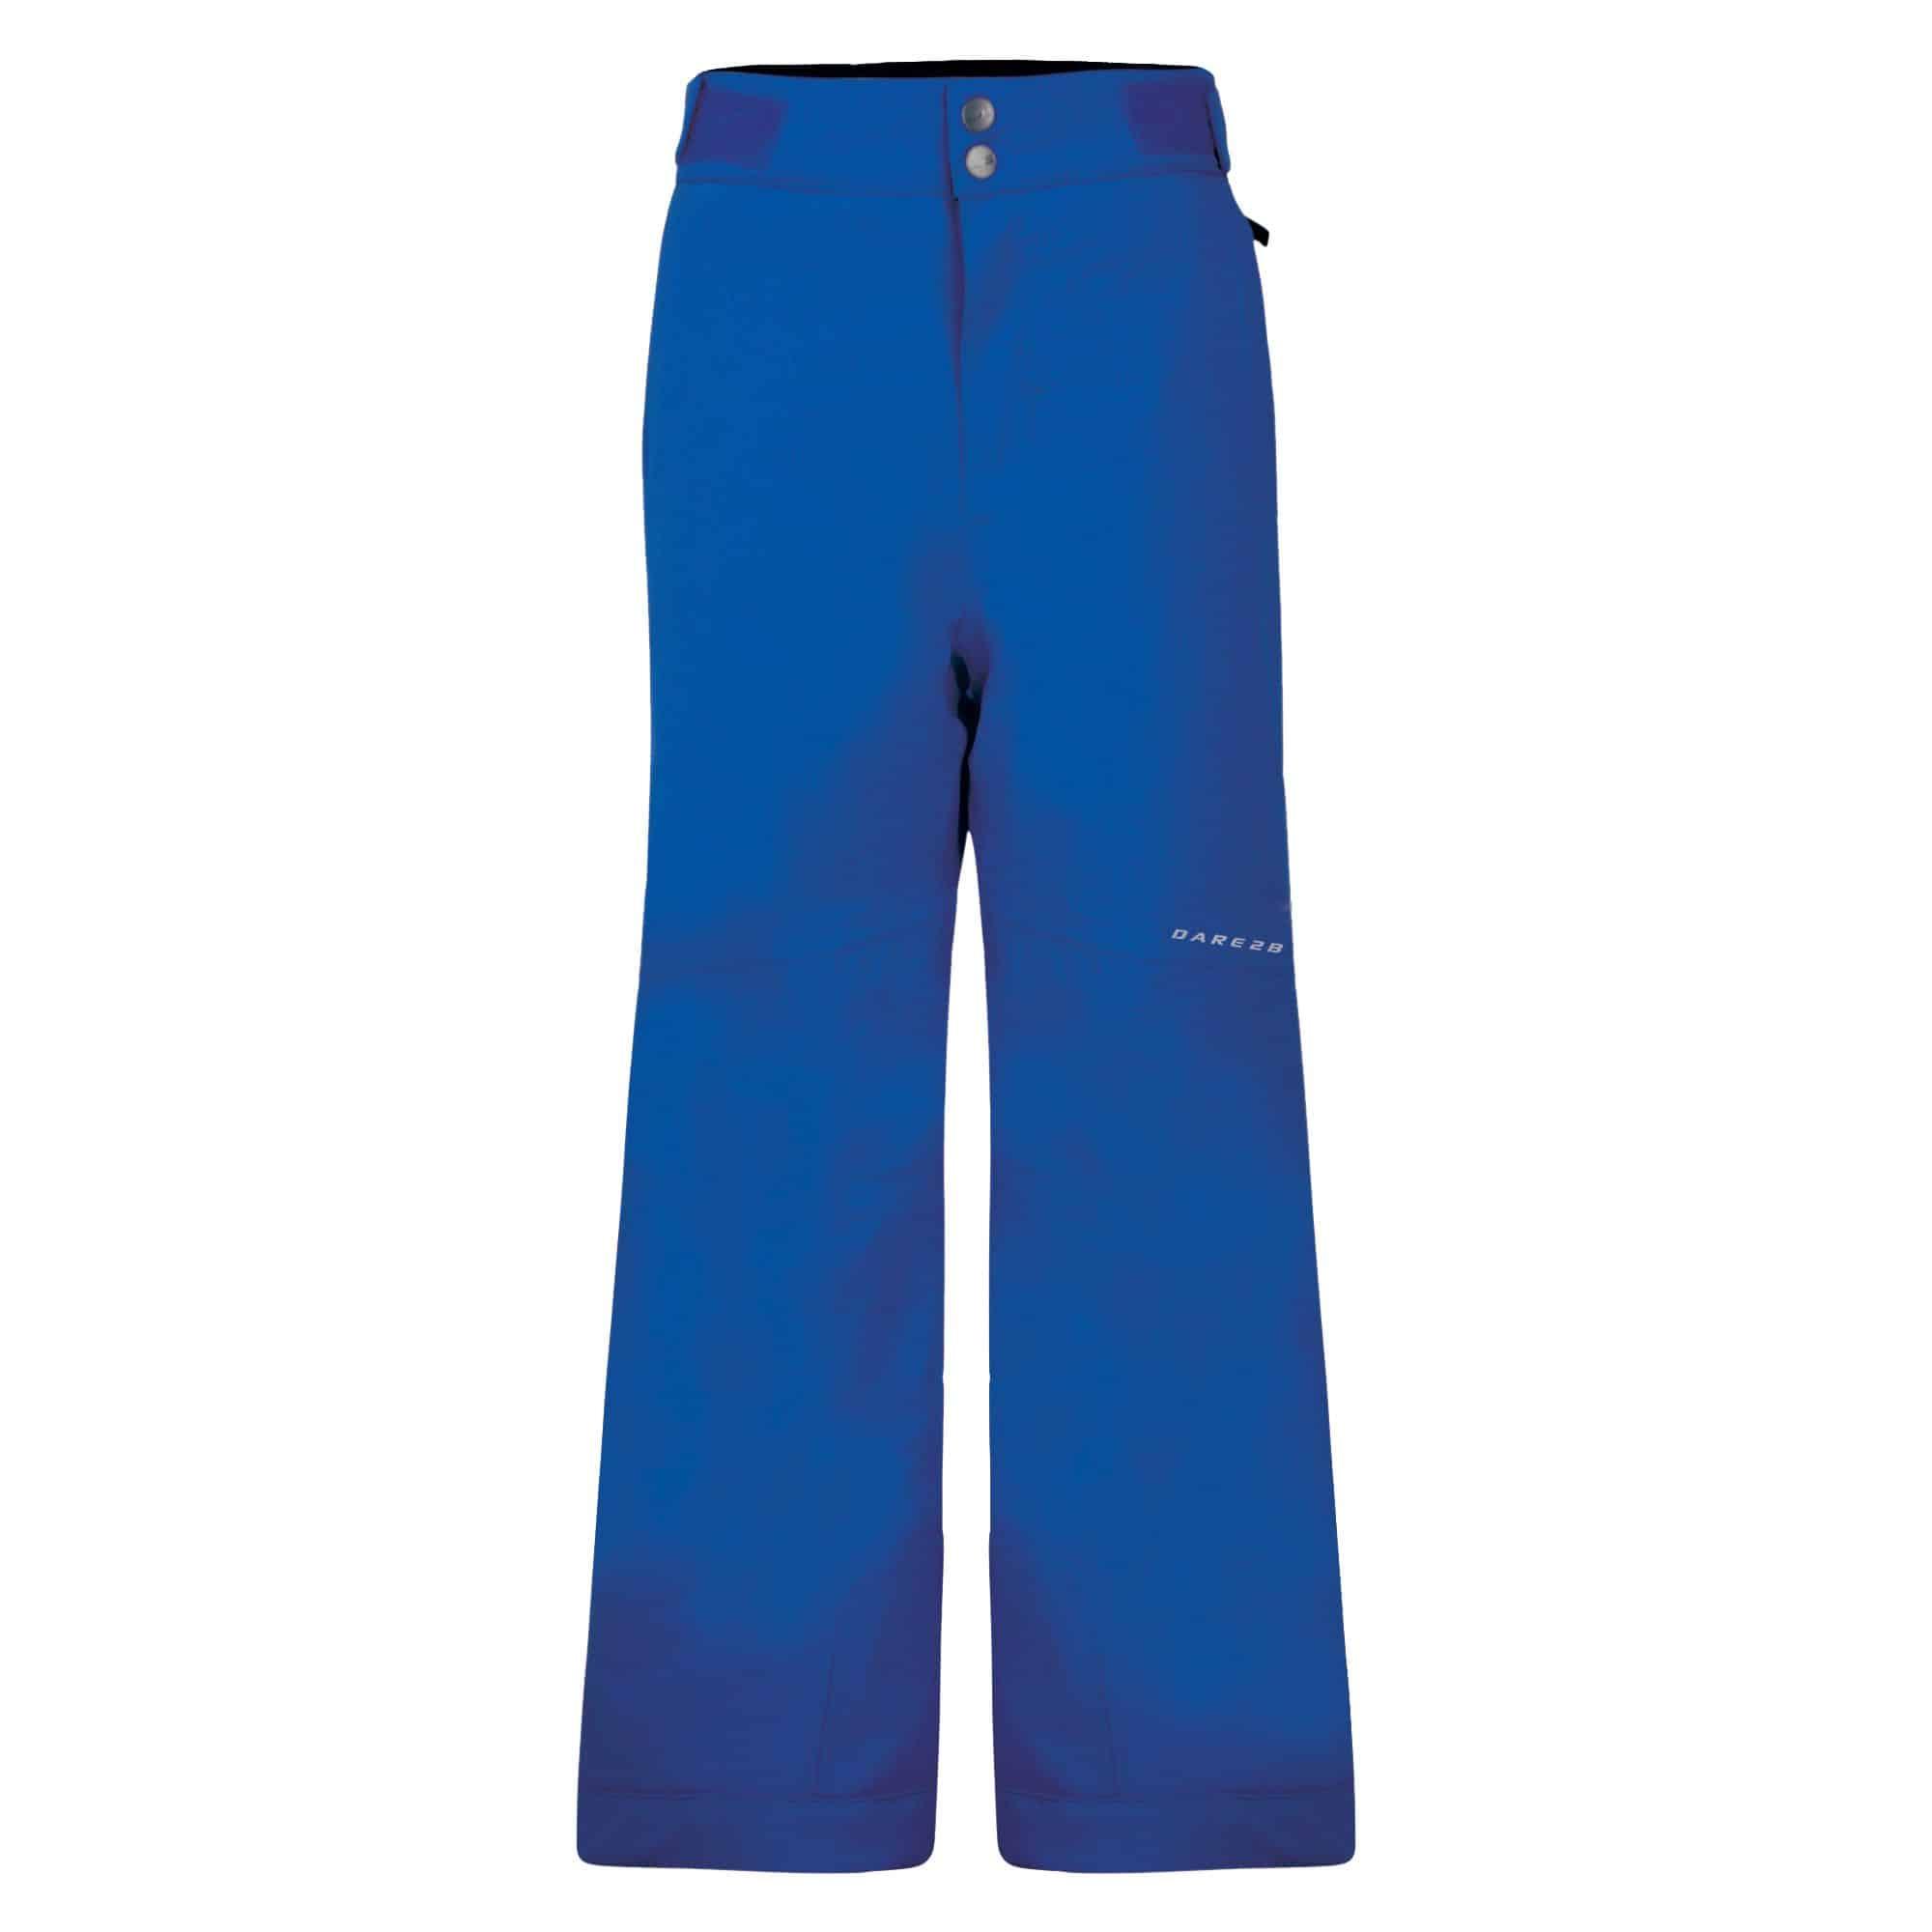 takeon oxford blue3